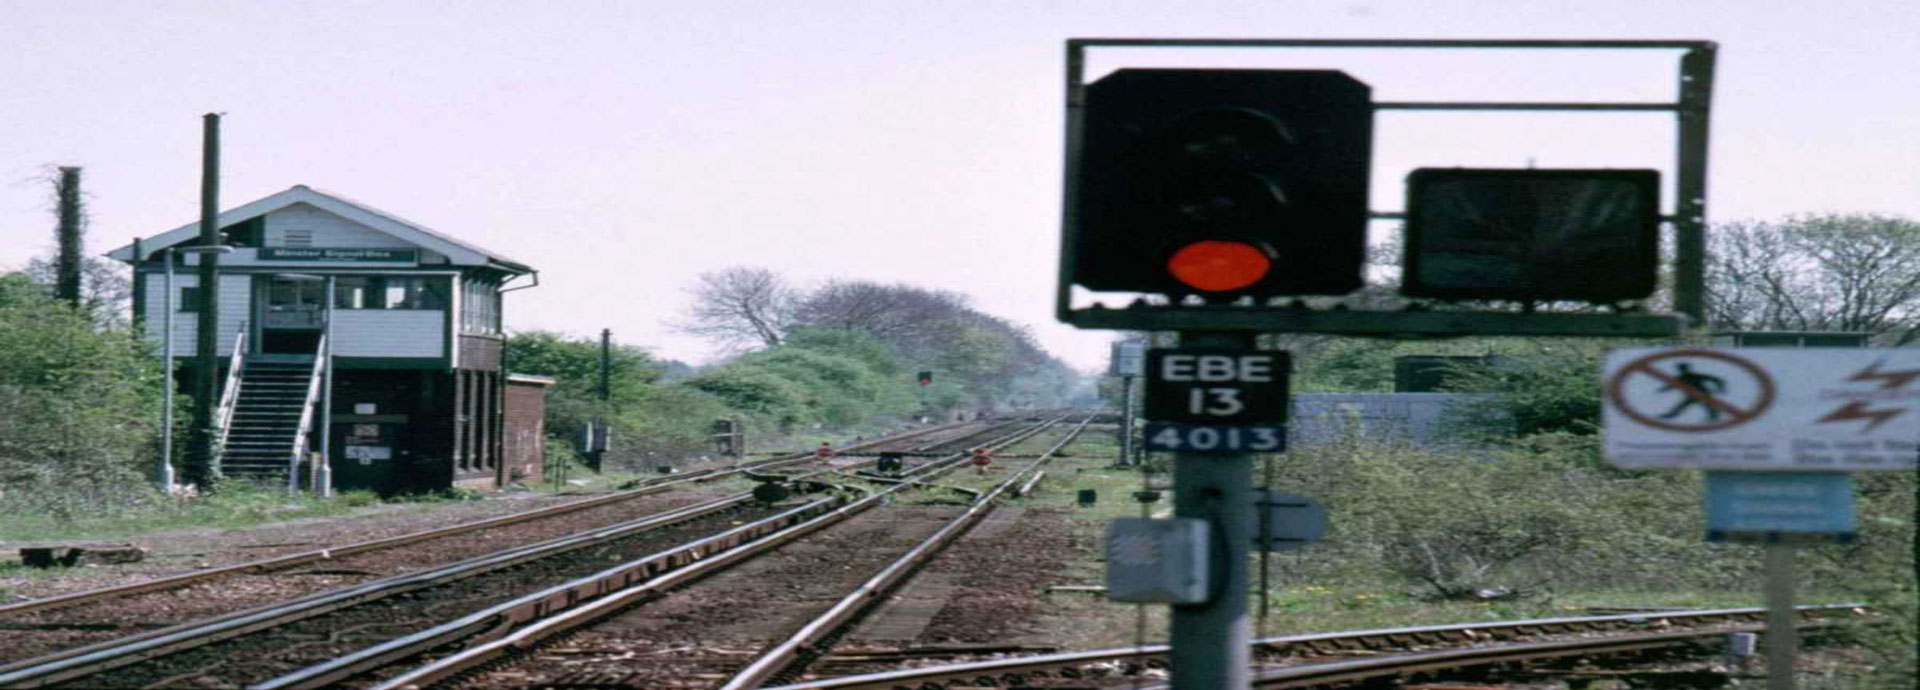 रेलवे करने जा रही बड़ा बदलाव, विदेशी तर्ज पर 160 साल पुरानी सिंग्रलिंग प्रणाली बदलेगी